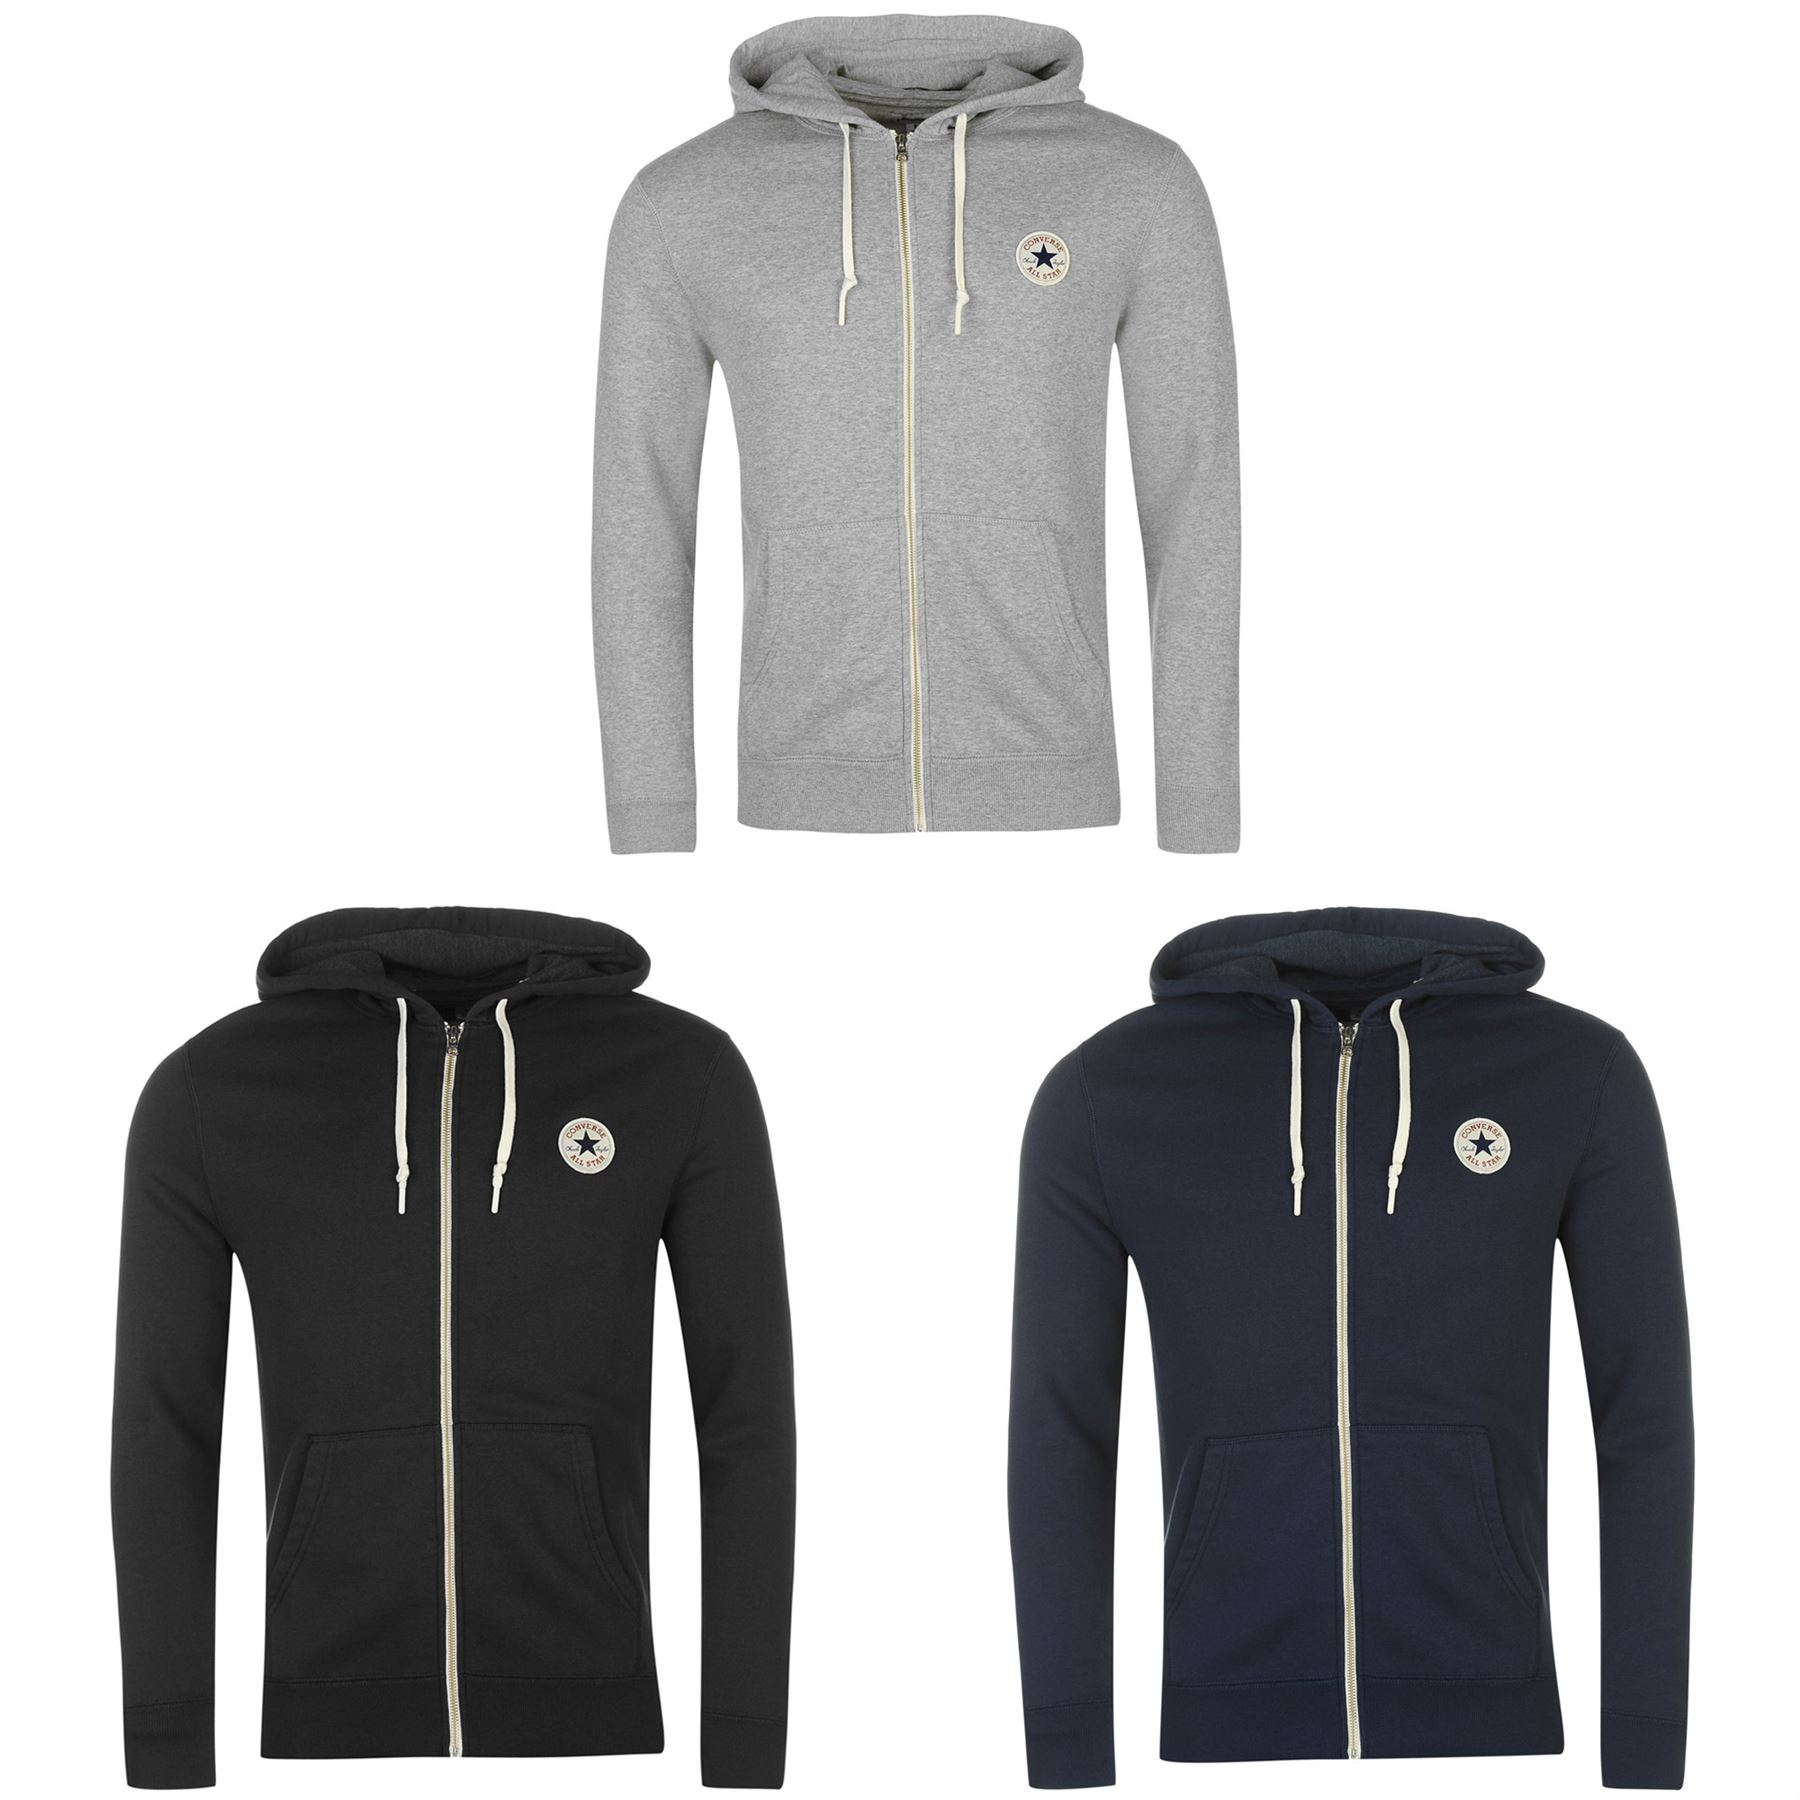 c4f96393bbc6b4 ... Converse Core Full Zip Hoody Jacket Mens Hoodie Sweatshirt Sweater  Hooded Top ...